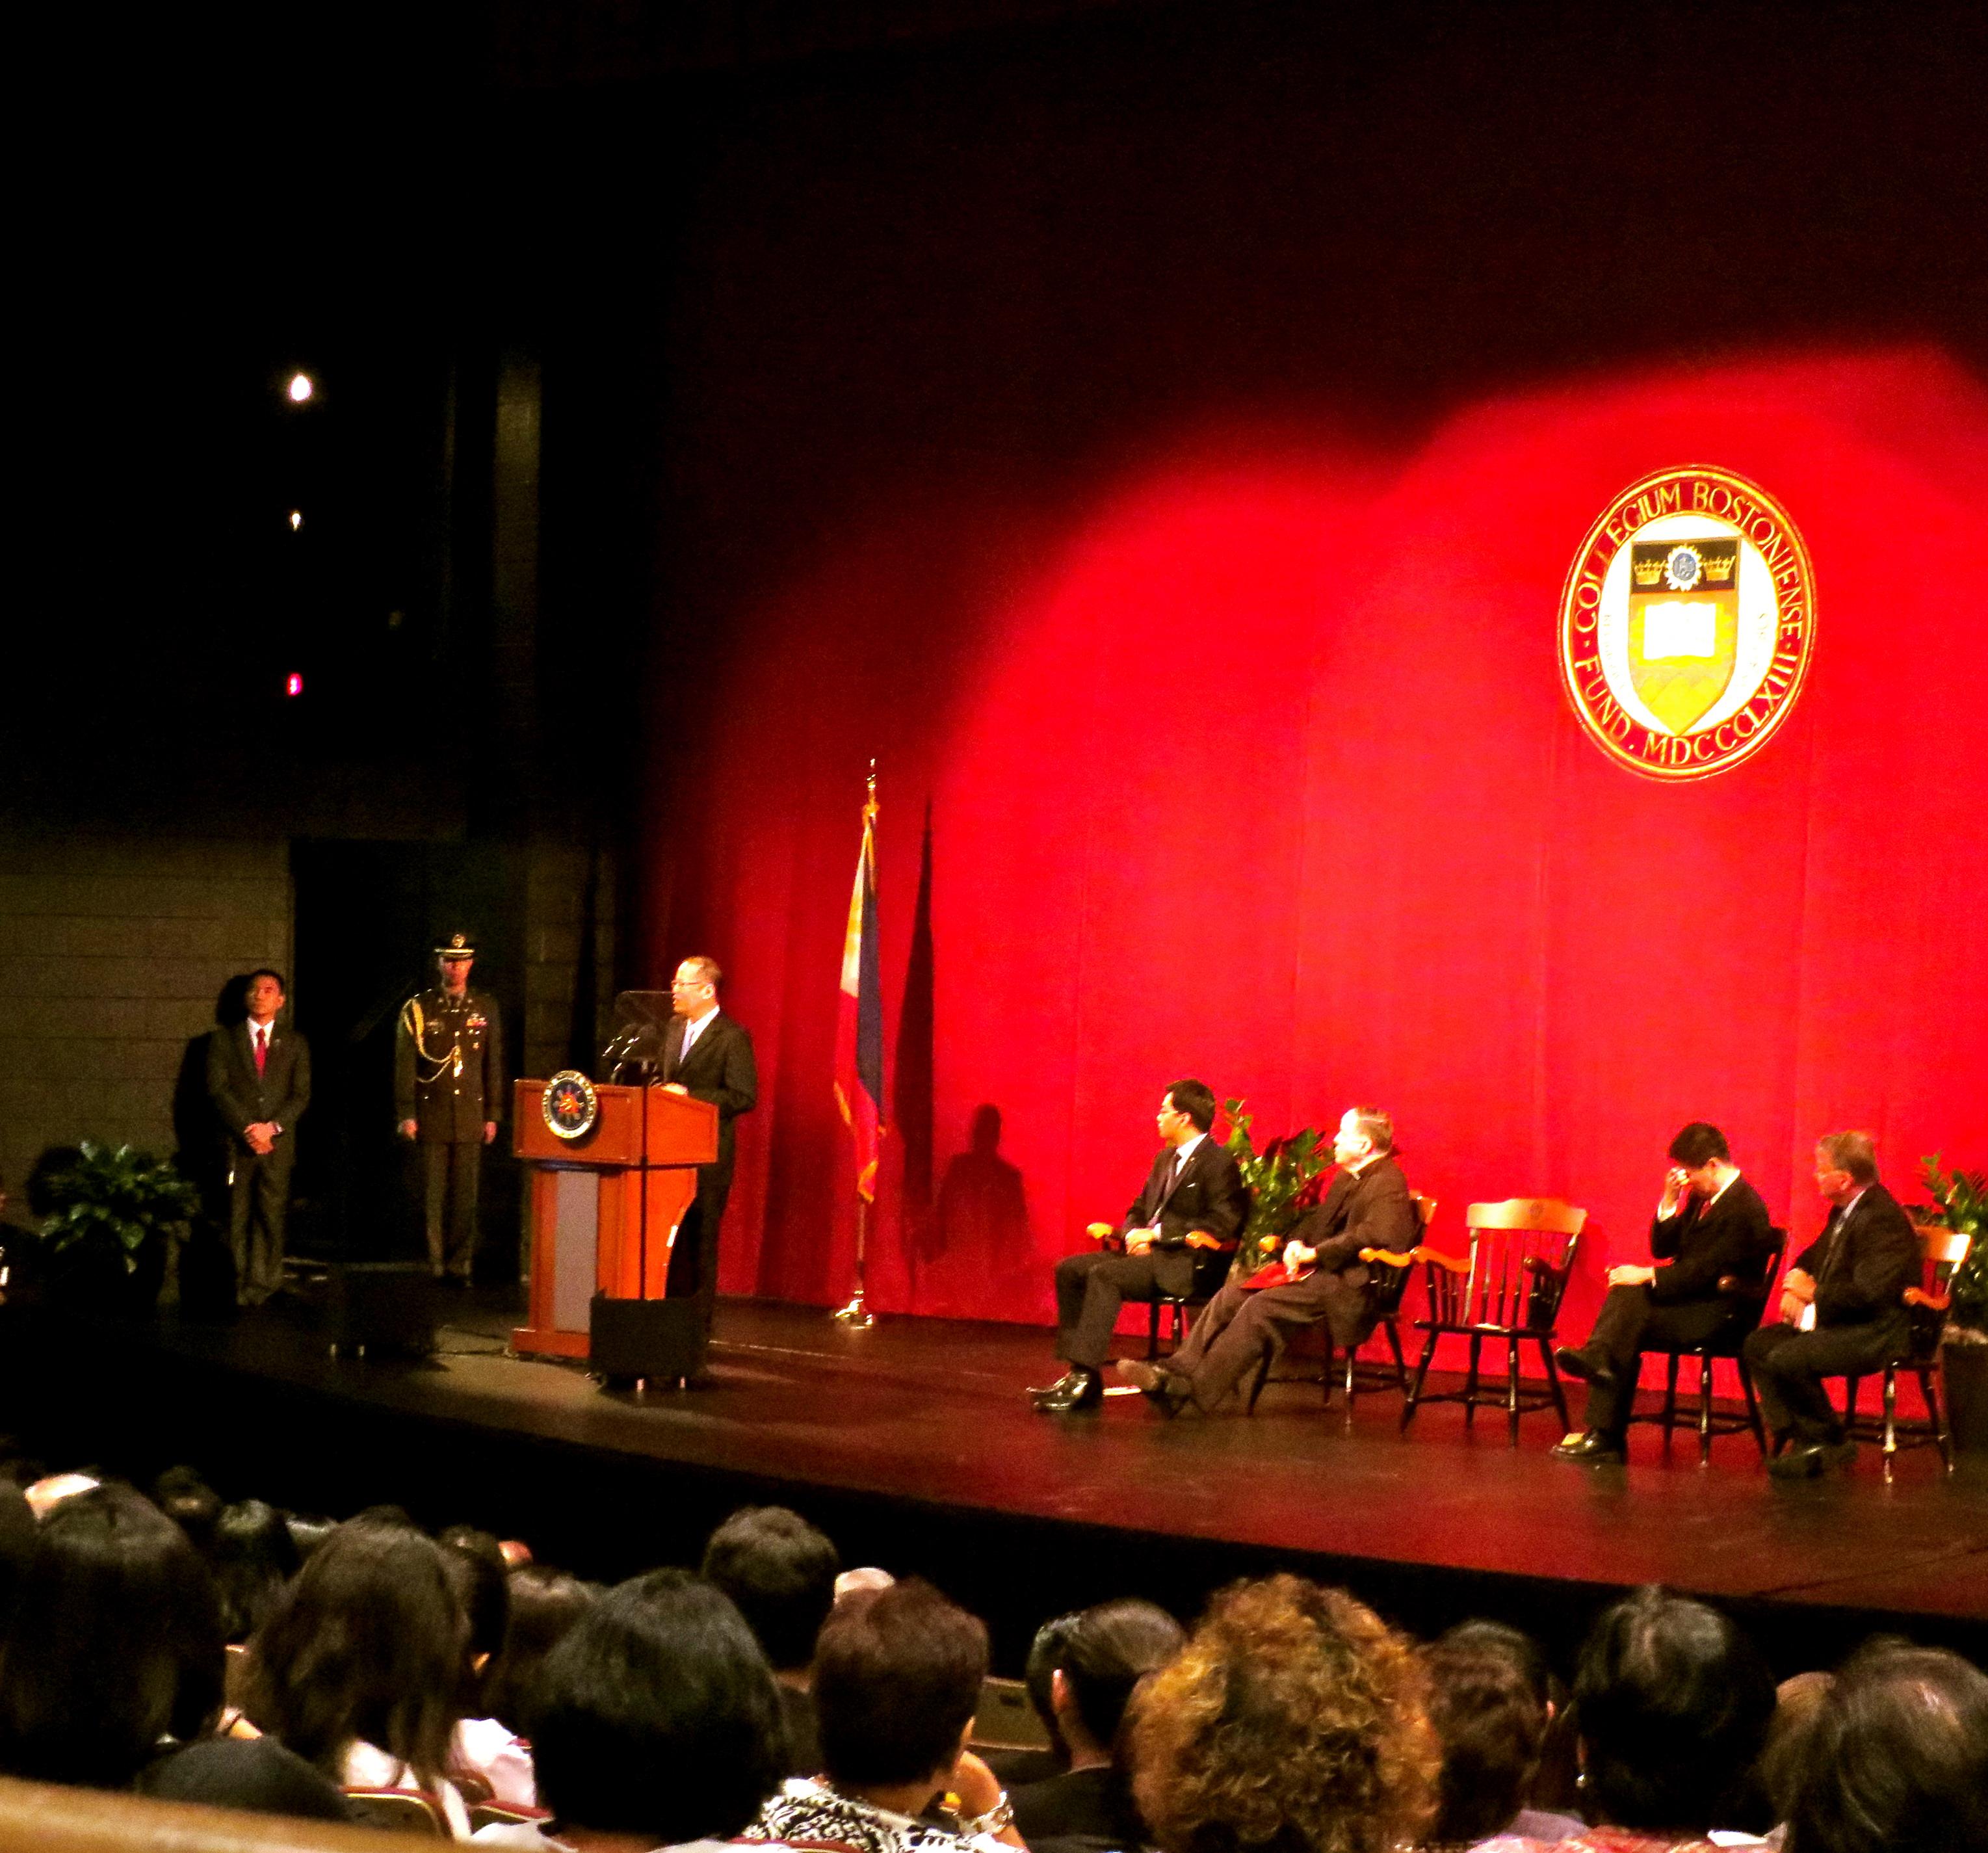 Boston College convocation